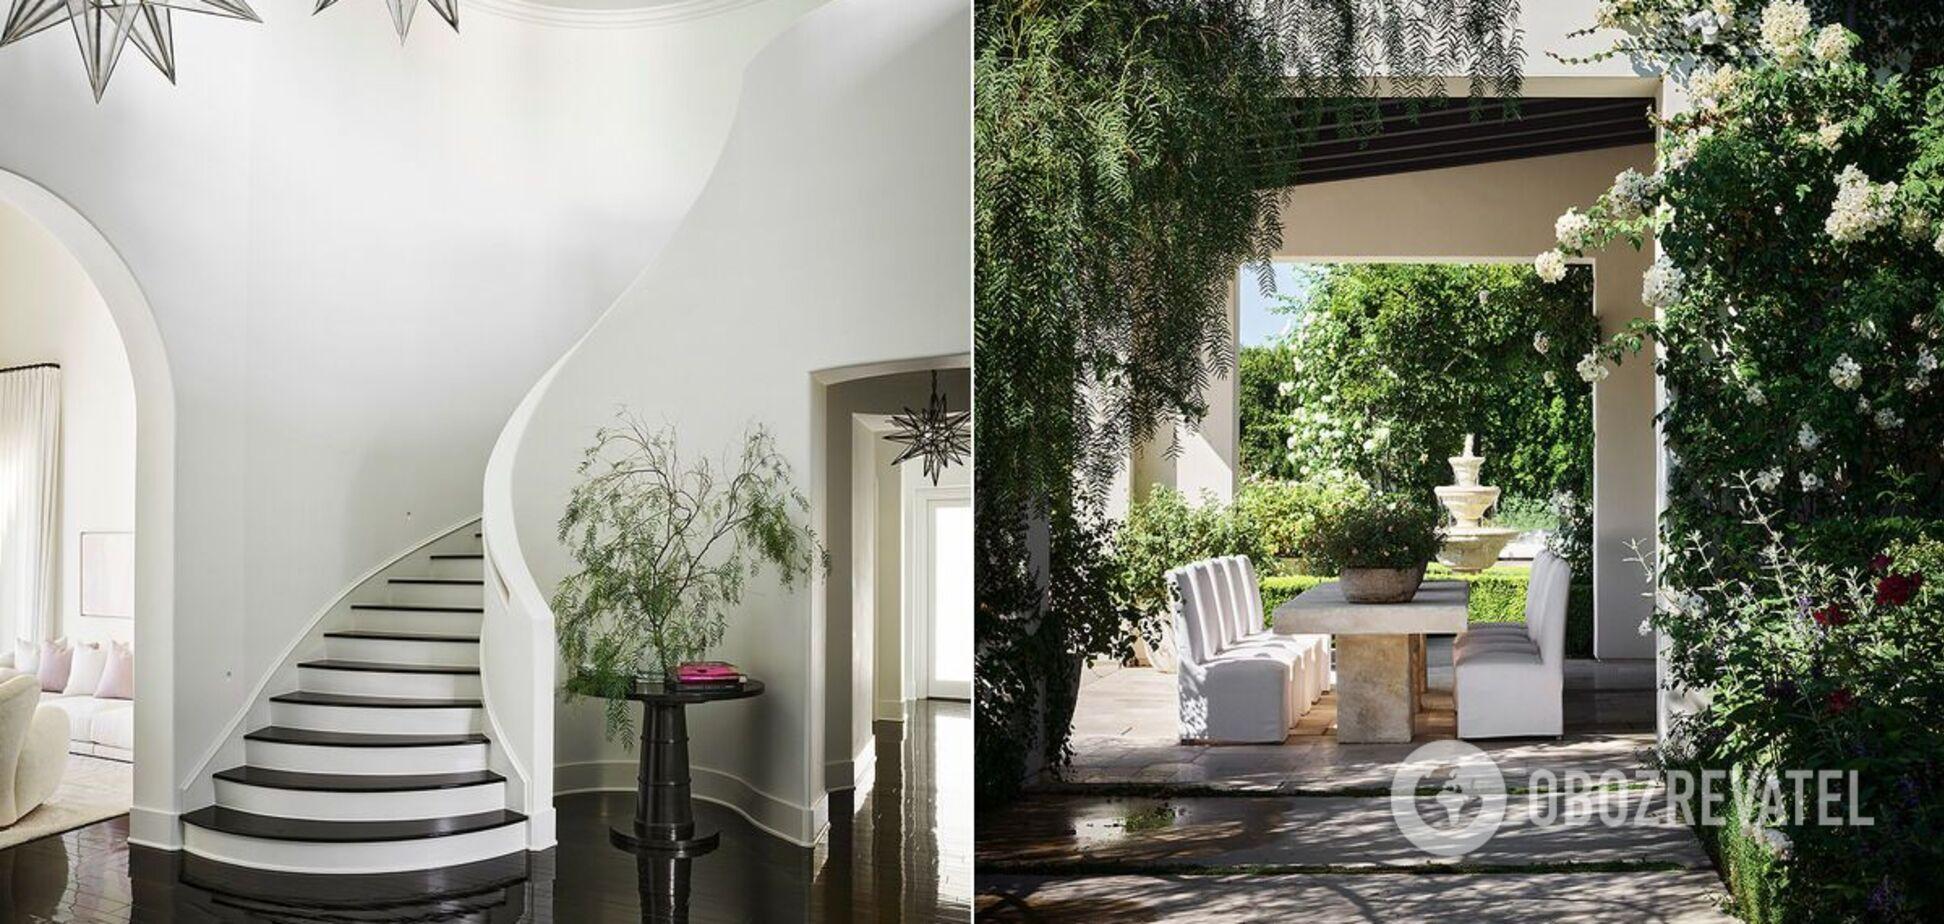 Кардашьян продала свой особняк за 15,5 млн долларов. Фото